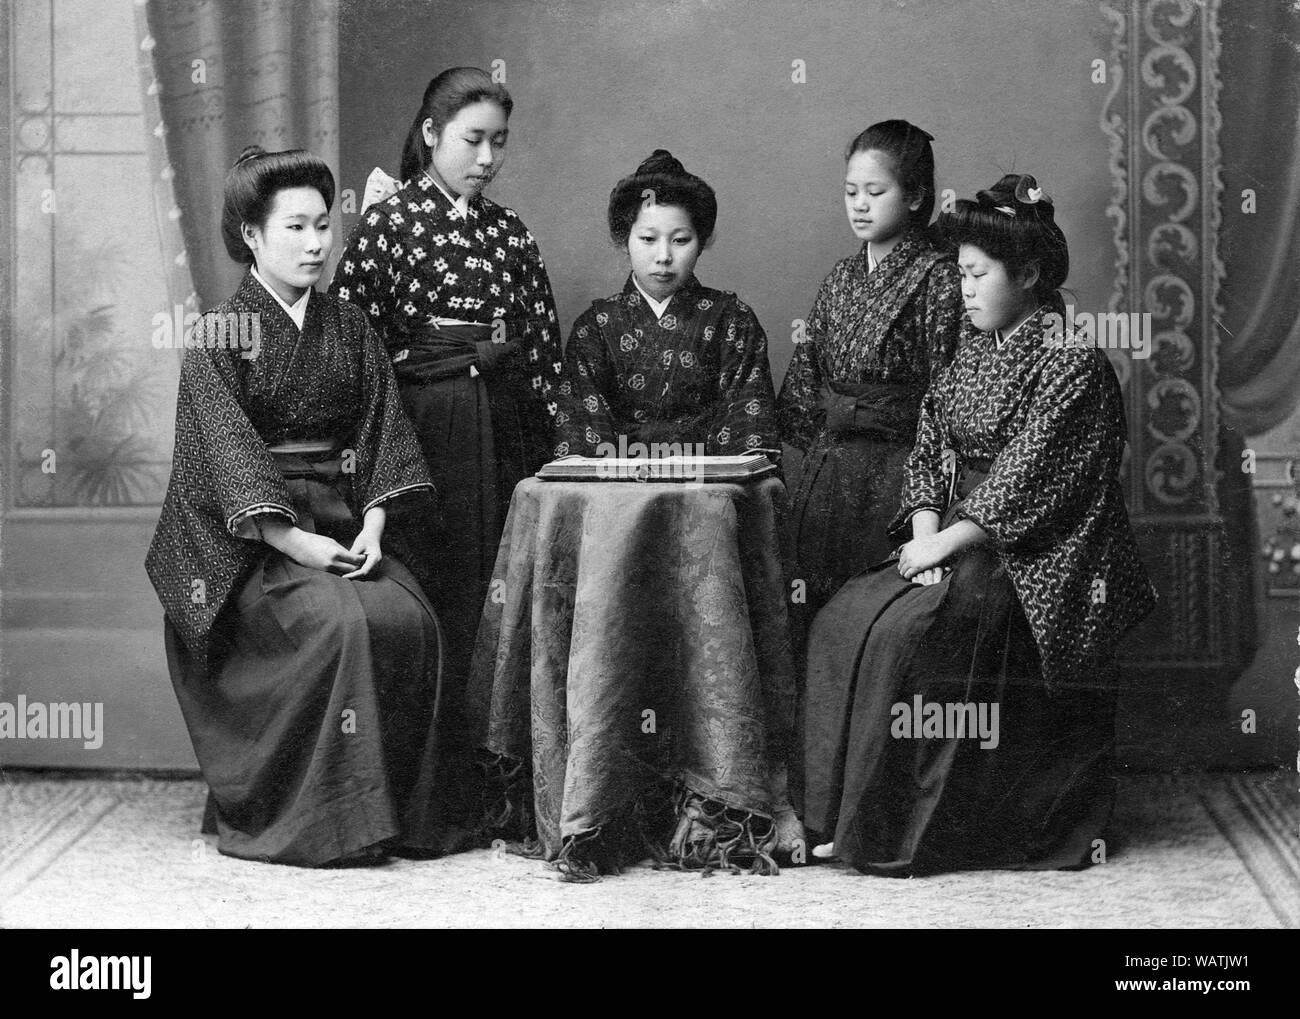 Dames japonaises pour la datation